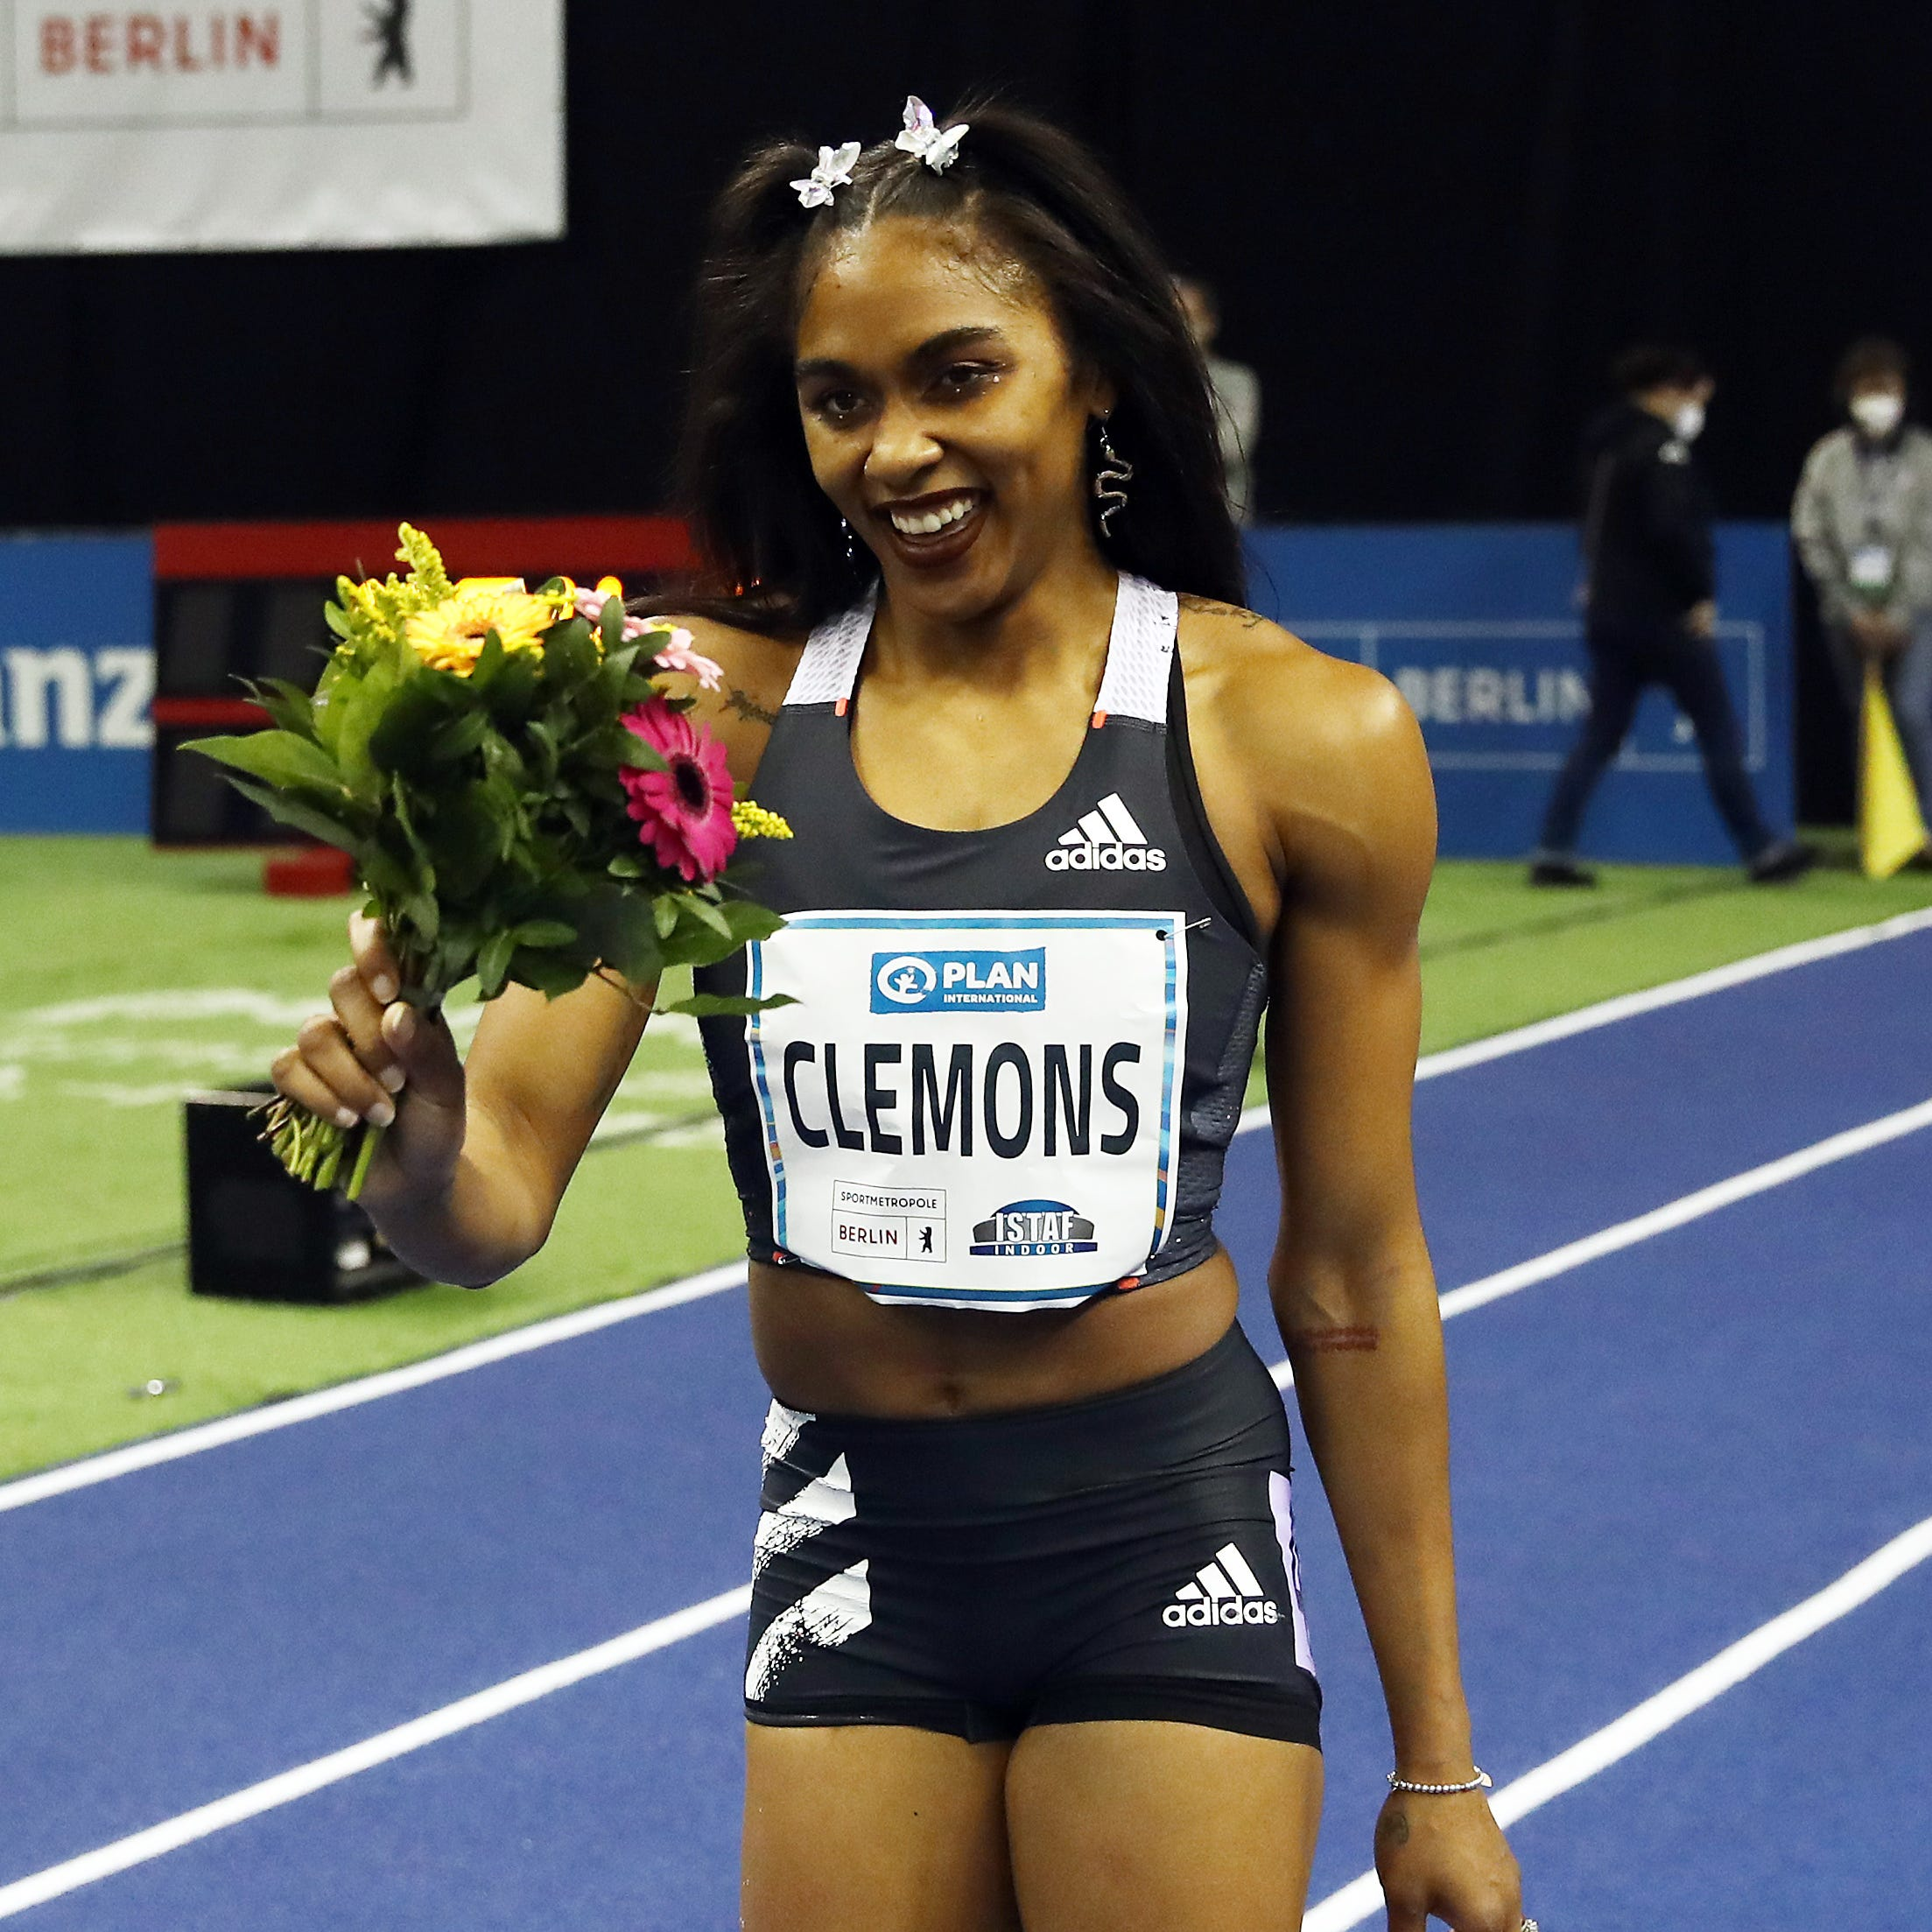 Christina Clemons